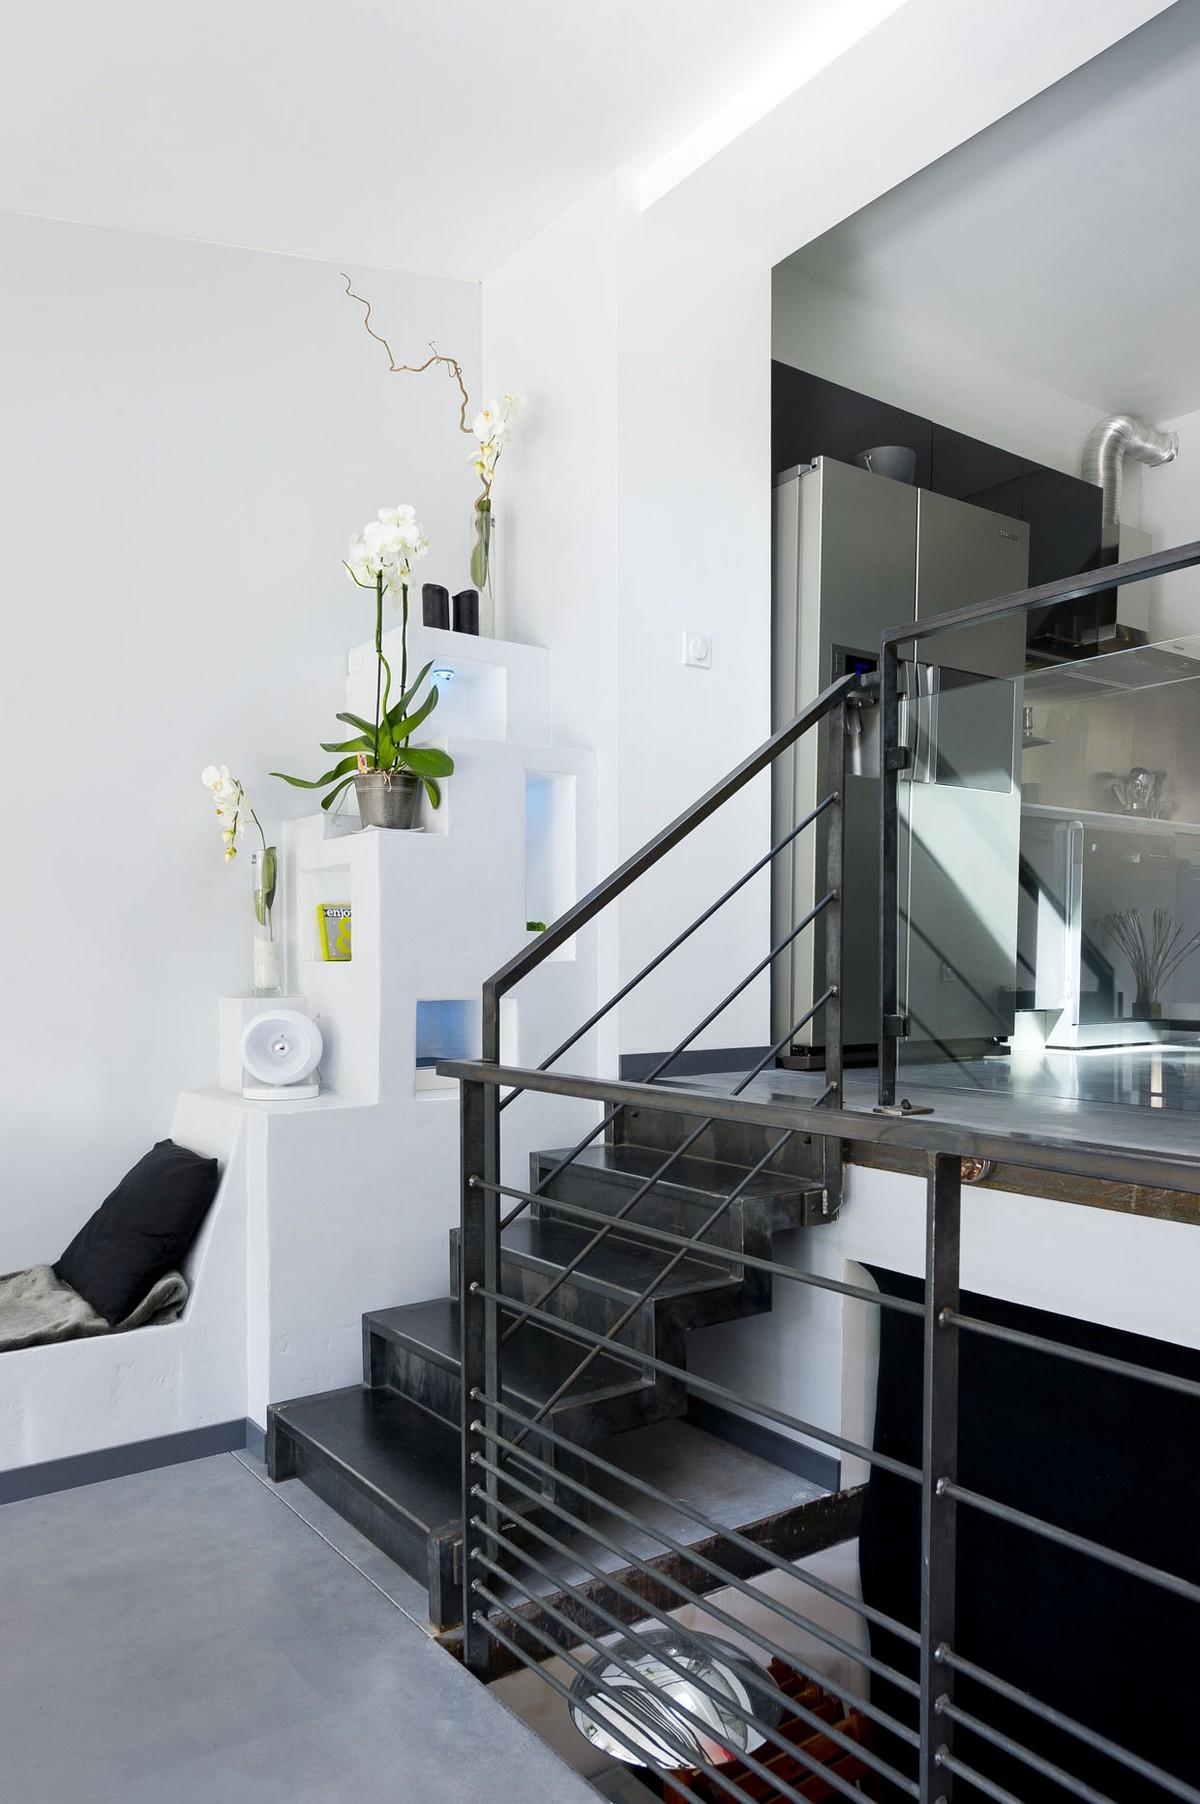 Atelier d 39 architecture aur lie nicolas architecte lyon belle extens - Tarif renovation maison ...